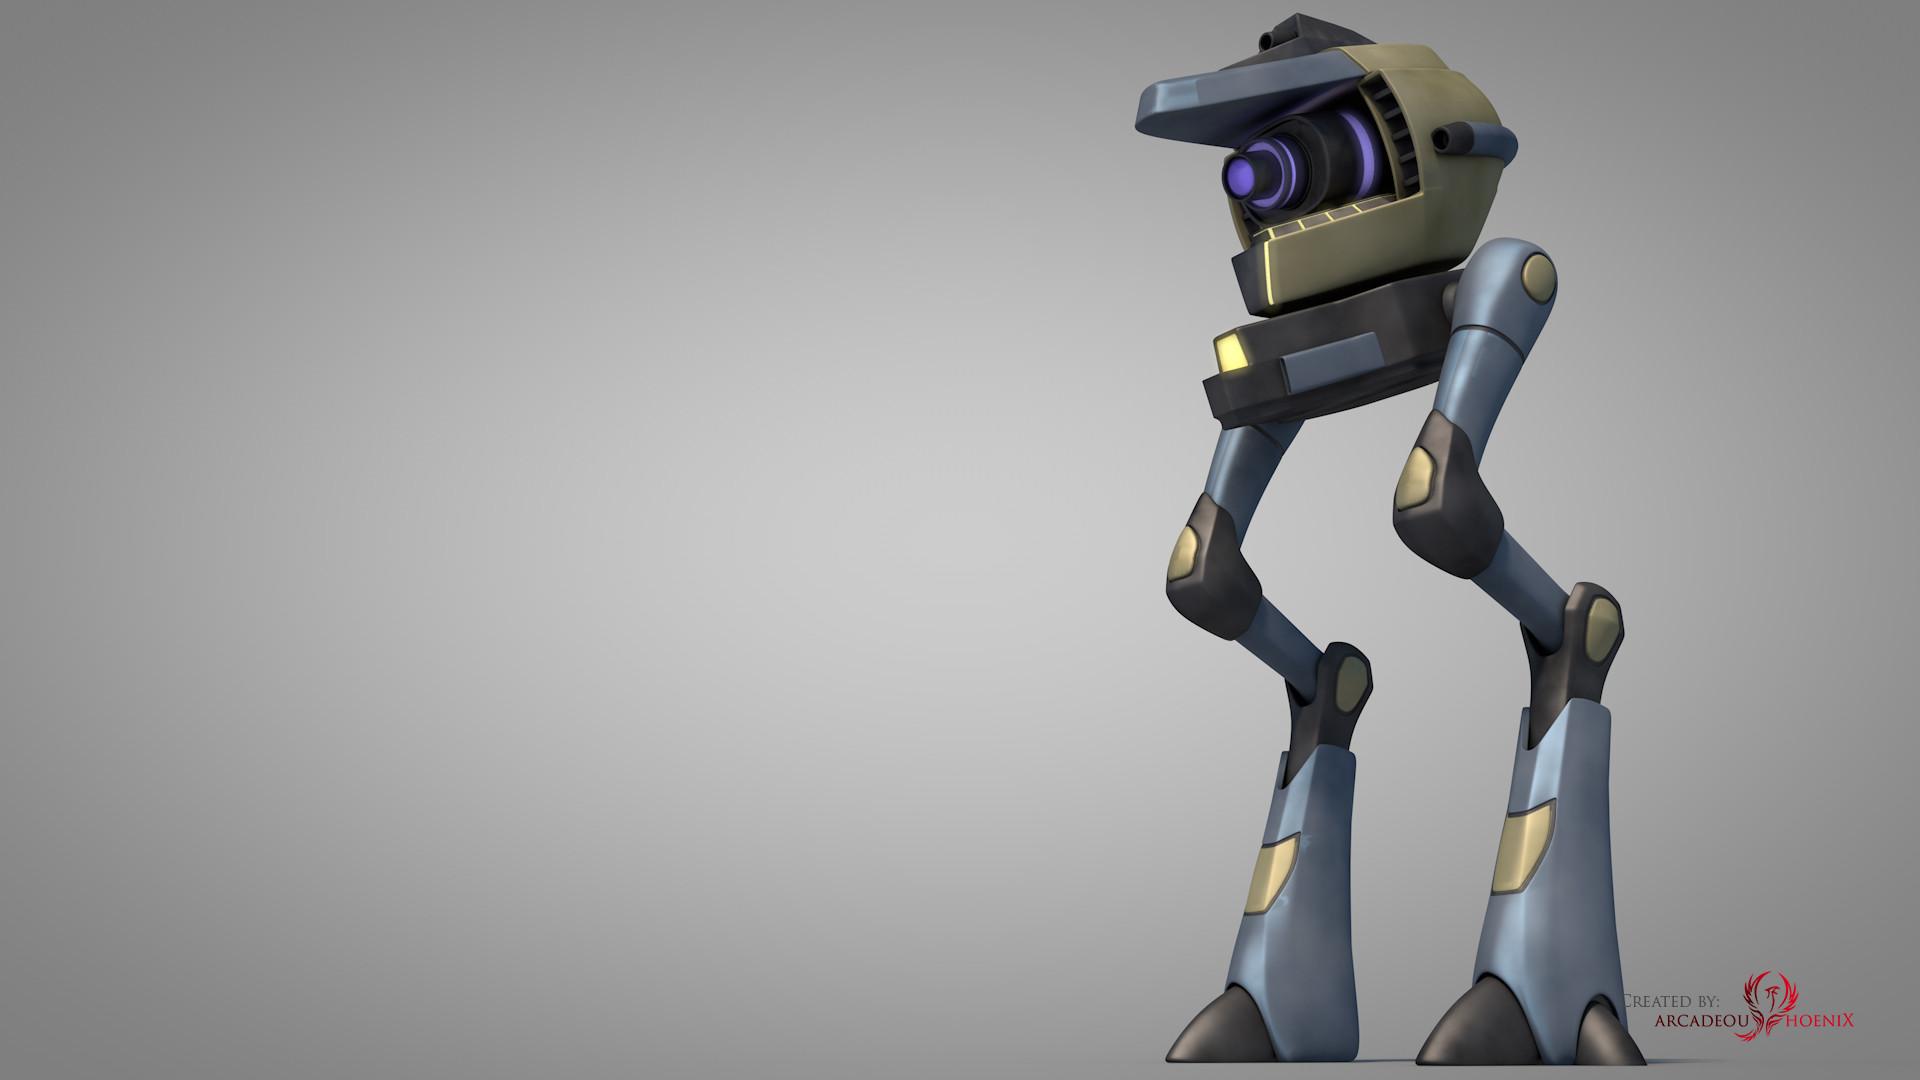 Arcadeous phoenix droid 3c2